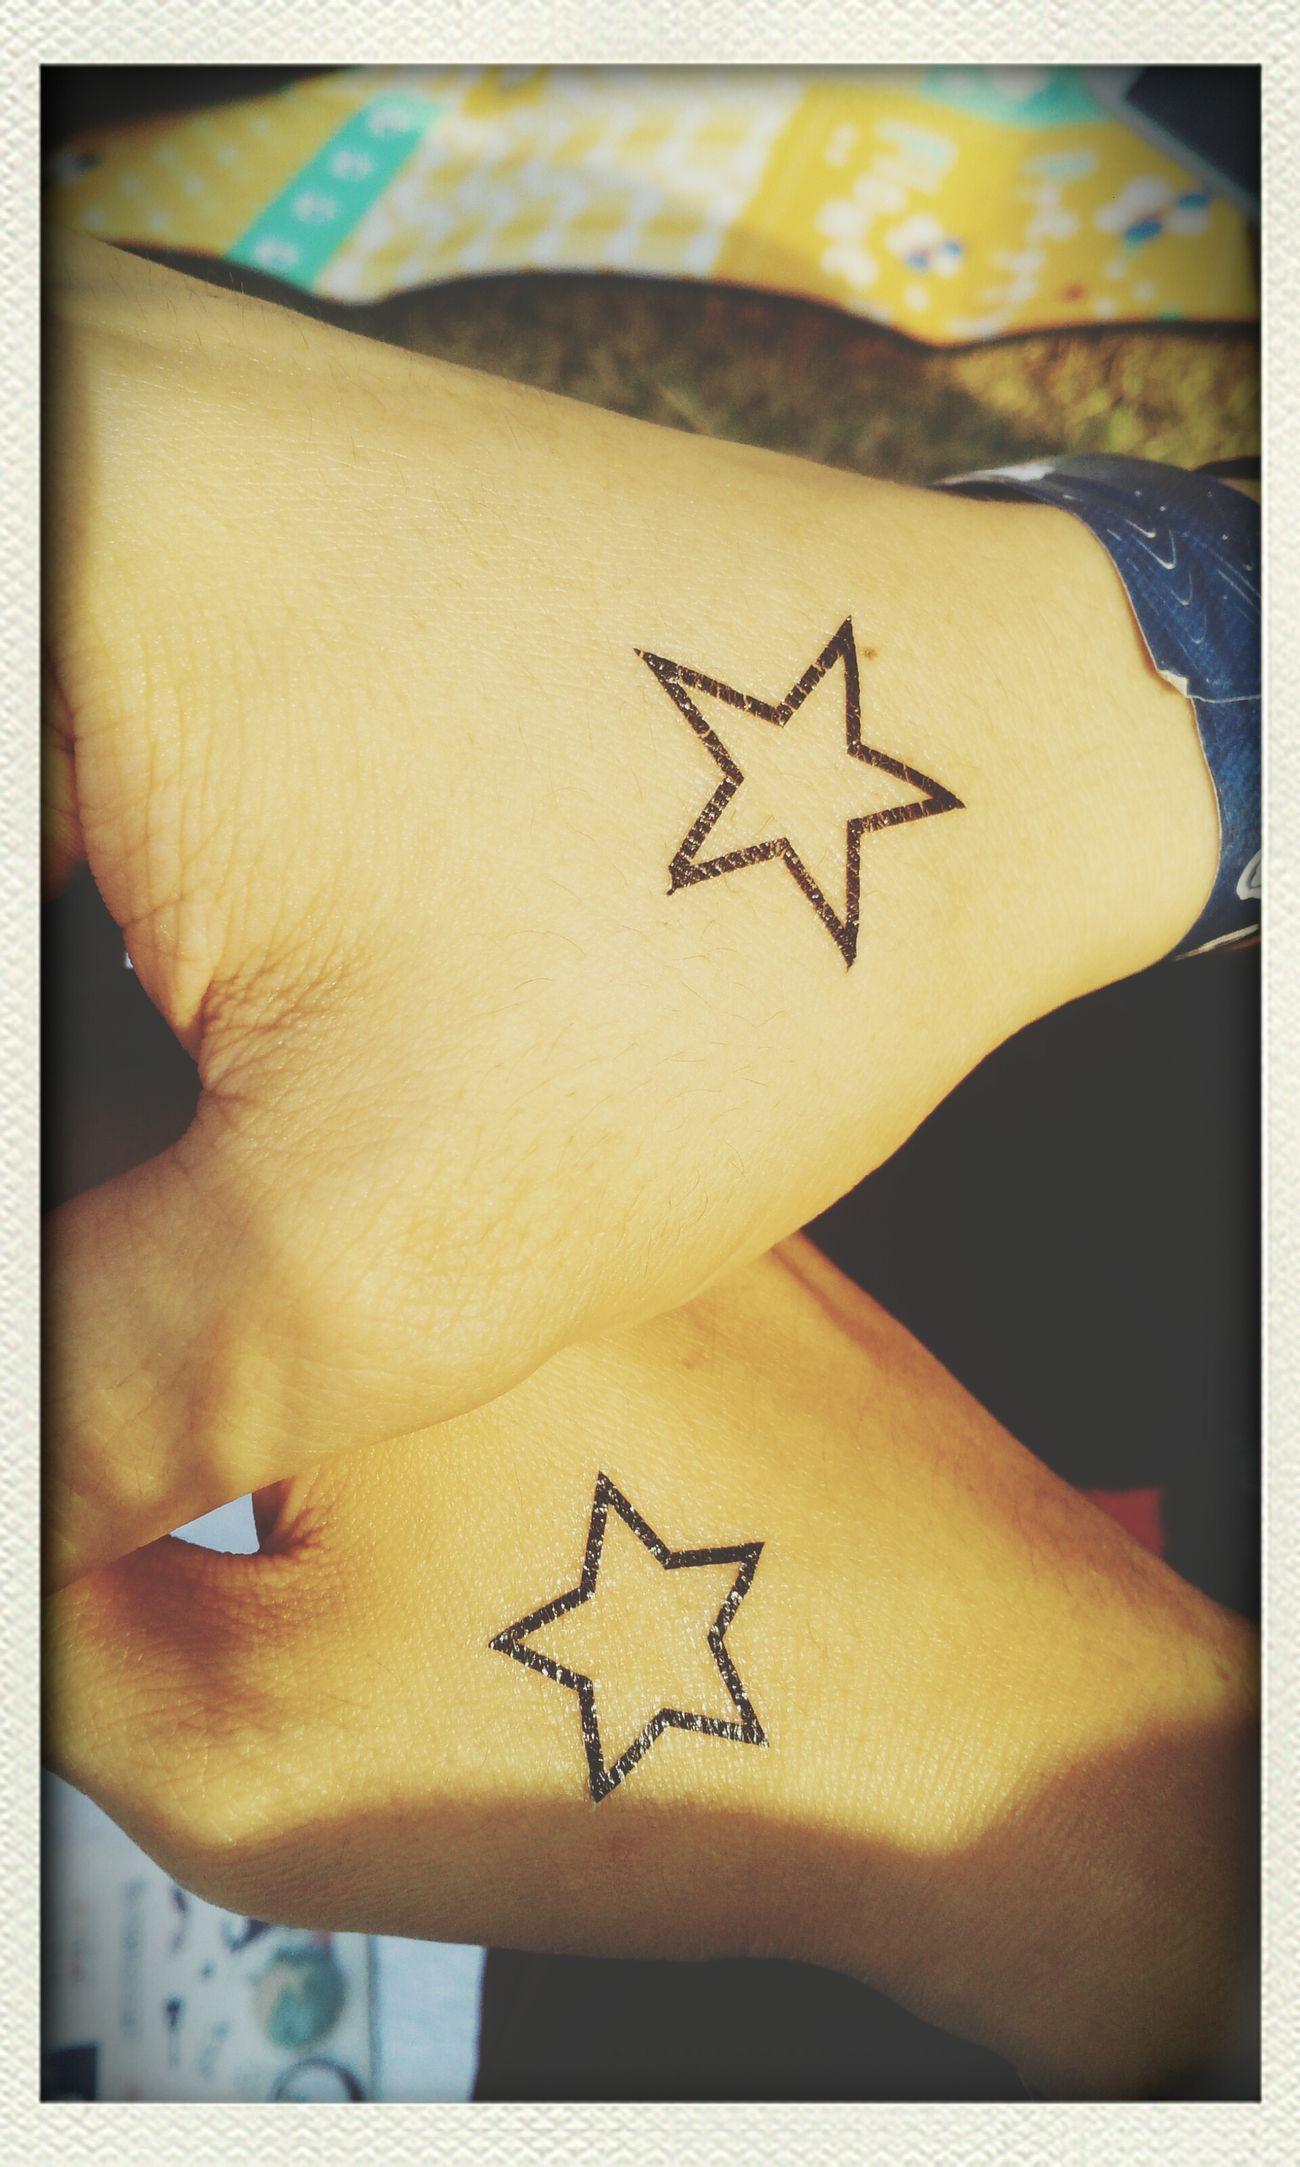 별이 2개!!! 별이 2개애~~!